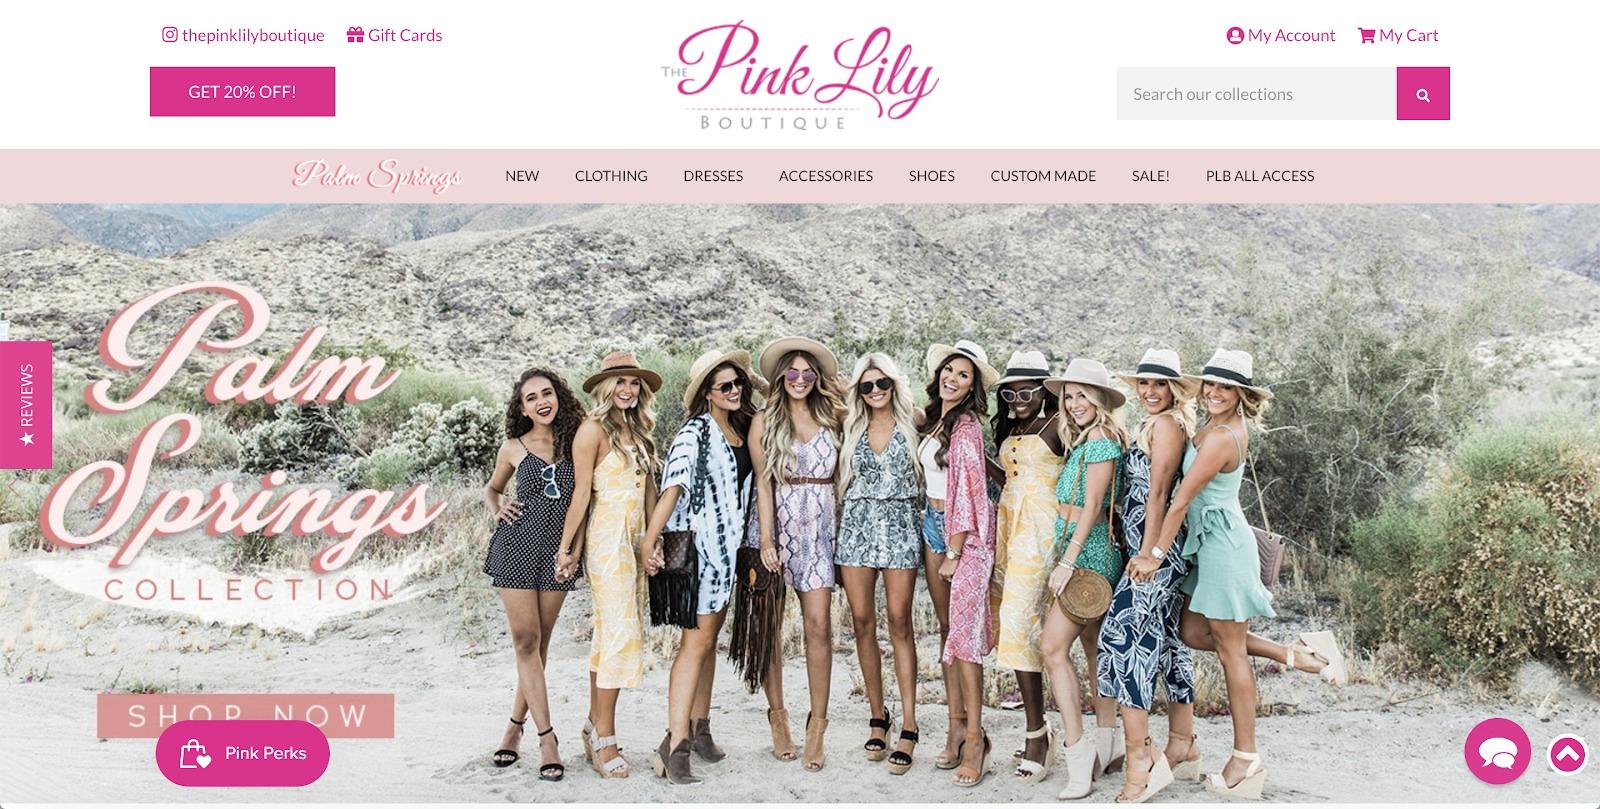 esempio di boutique giglio rosa